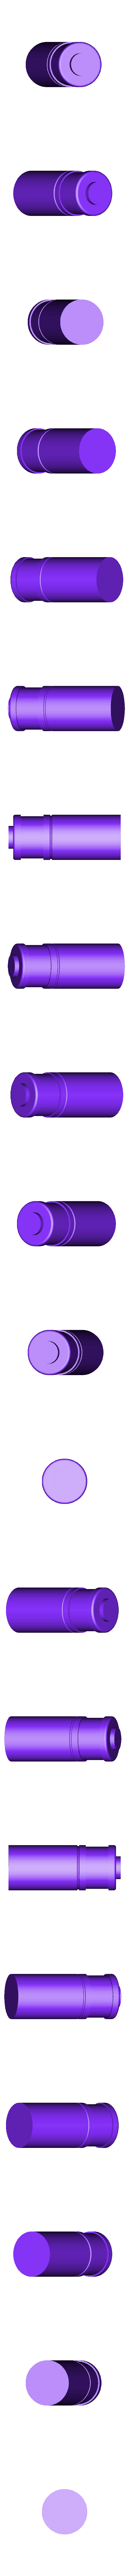 Shell_1.stl Download free STL file Borderlands Bandit Room Clener Shotgun • 3D printer object, Dsk